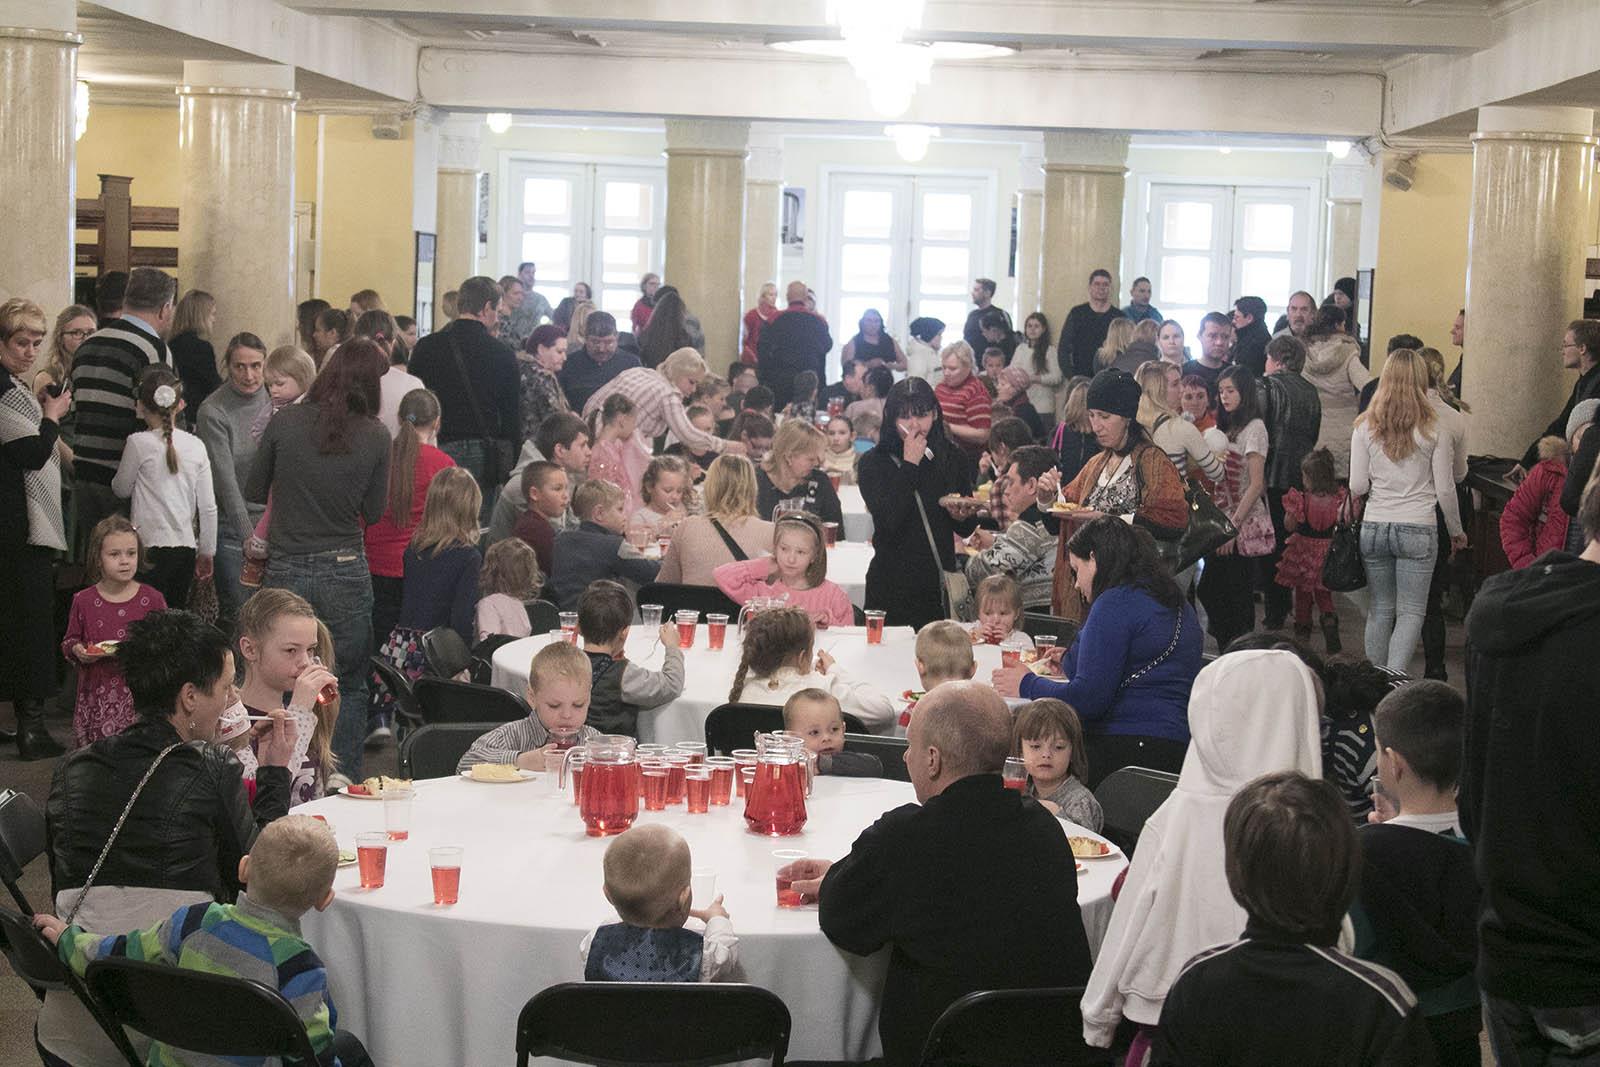 LIHAVÕTTEJÄNKU PIDU! Estonia kontserdisaalis toimus Lihavõttejänku pidu vähekindlustatud peredele